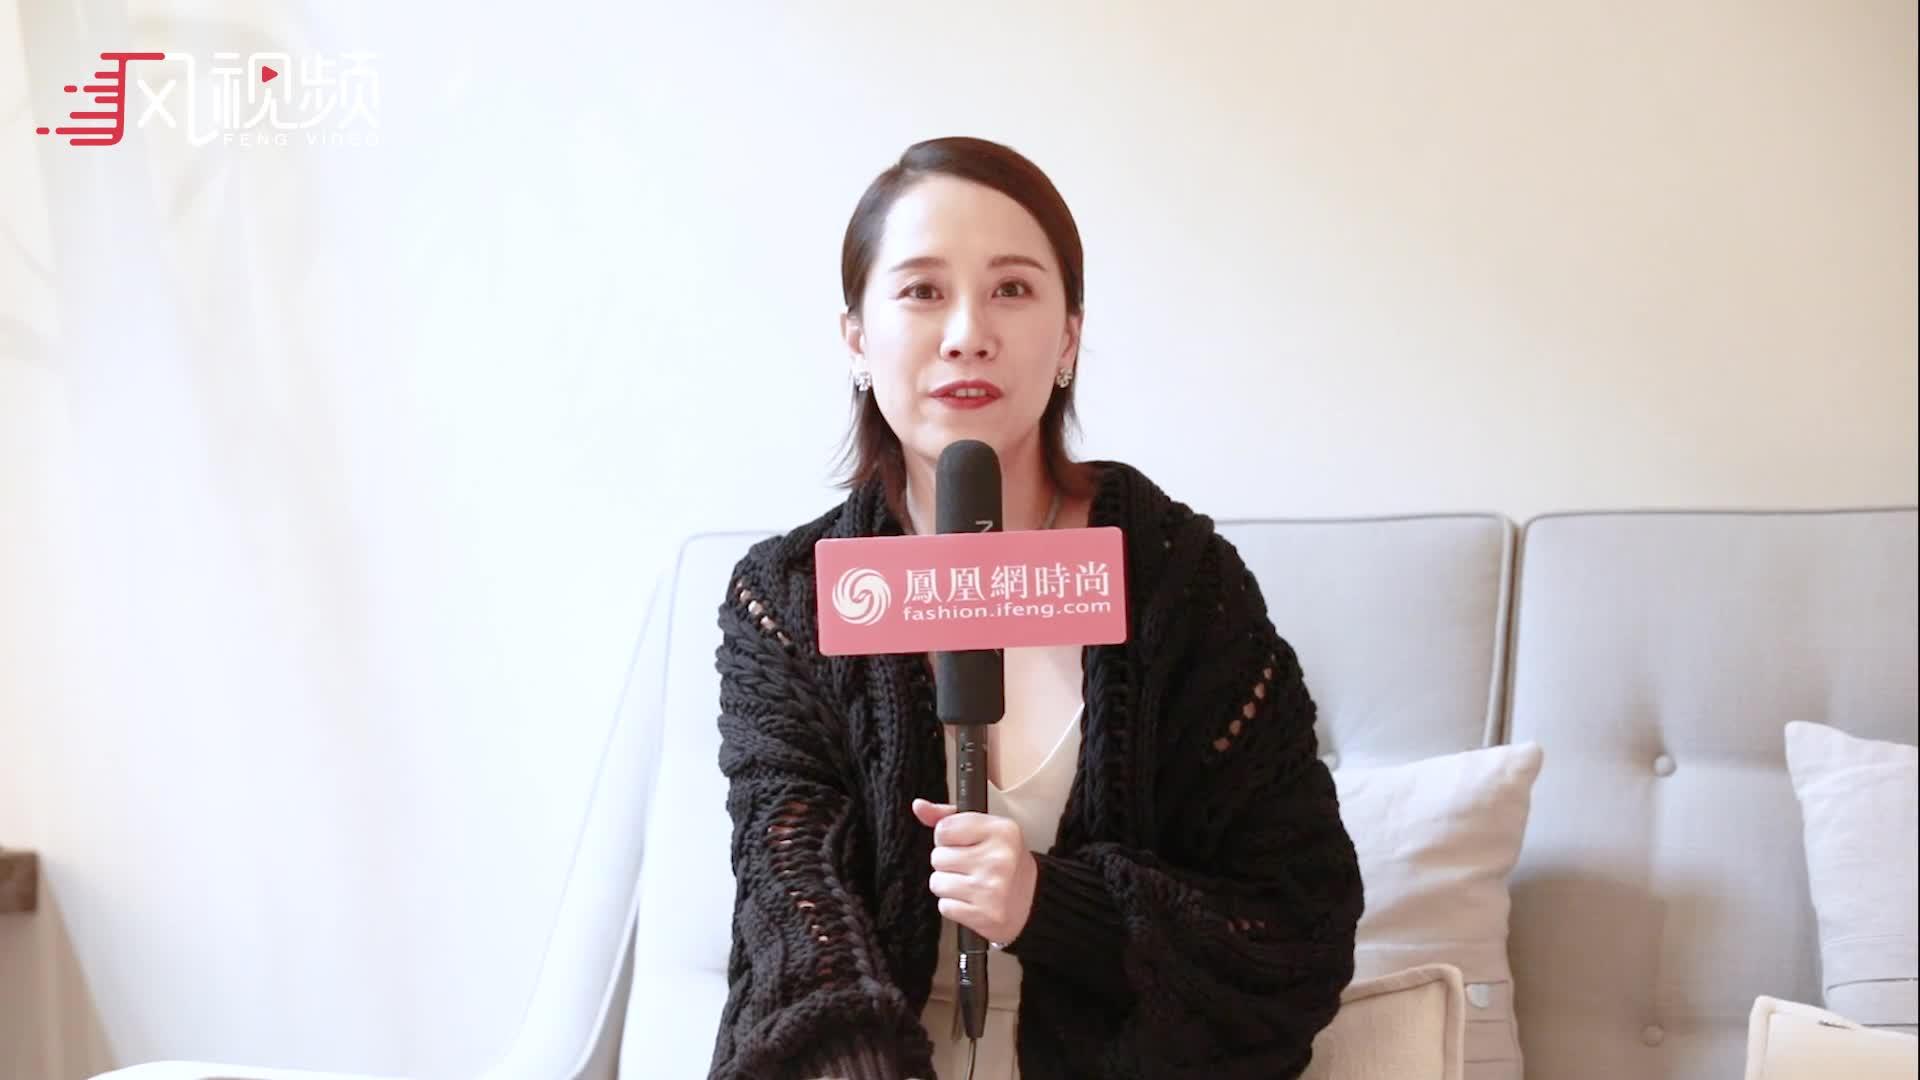 凤凰网时尚专访海清